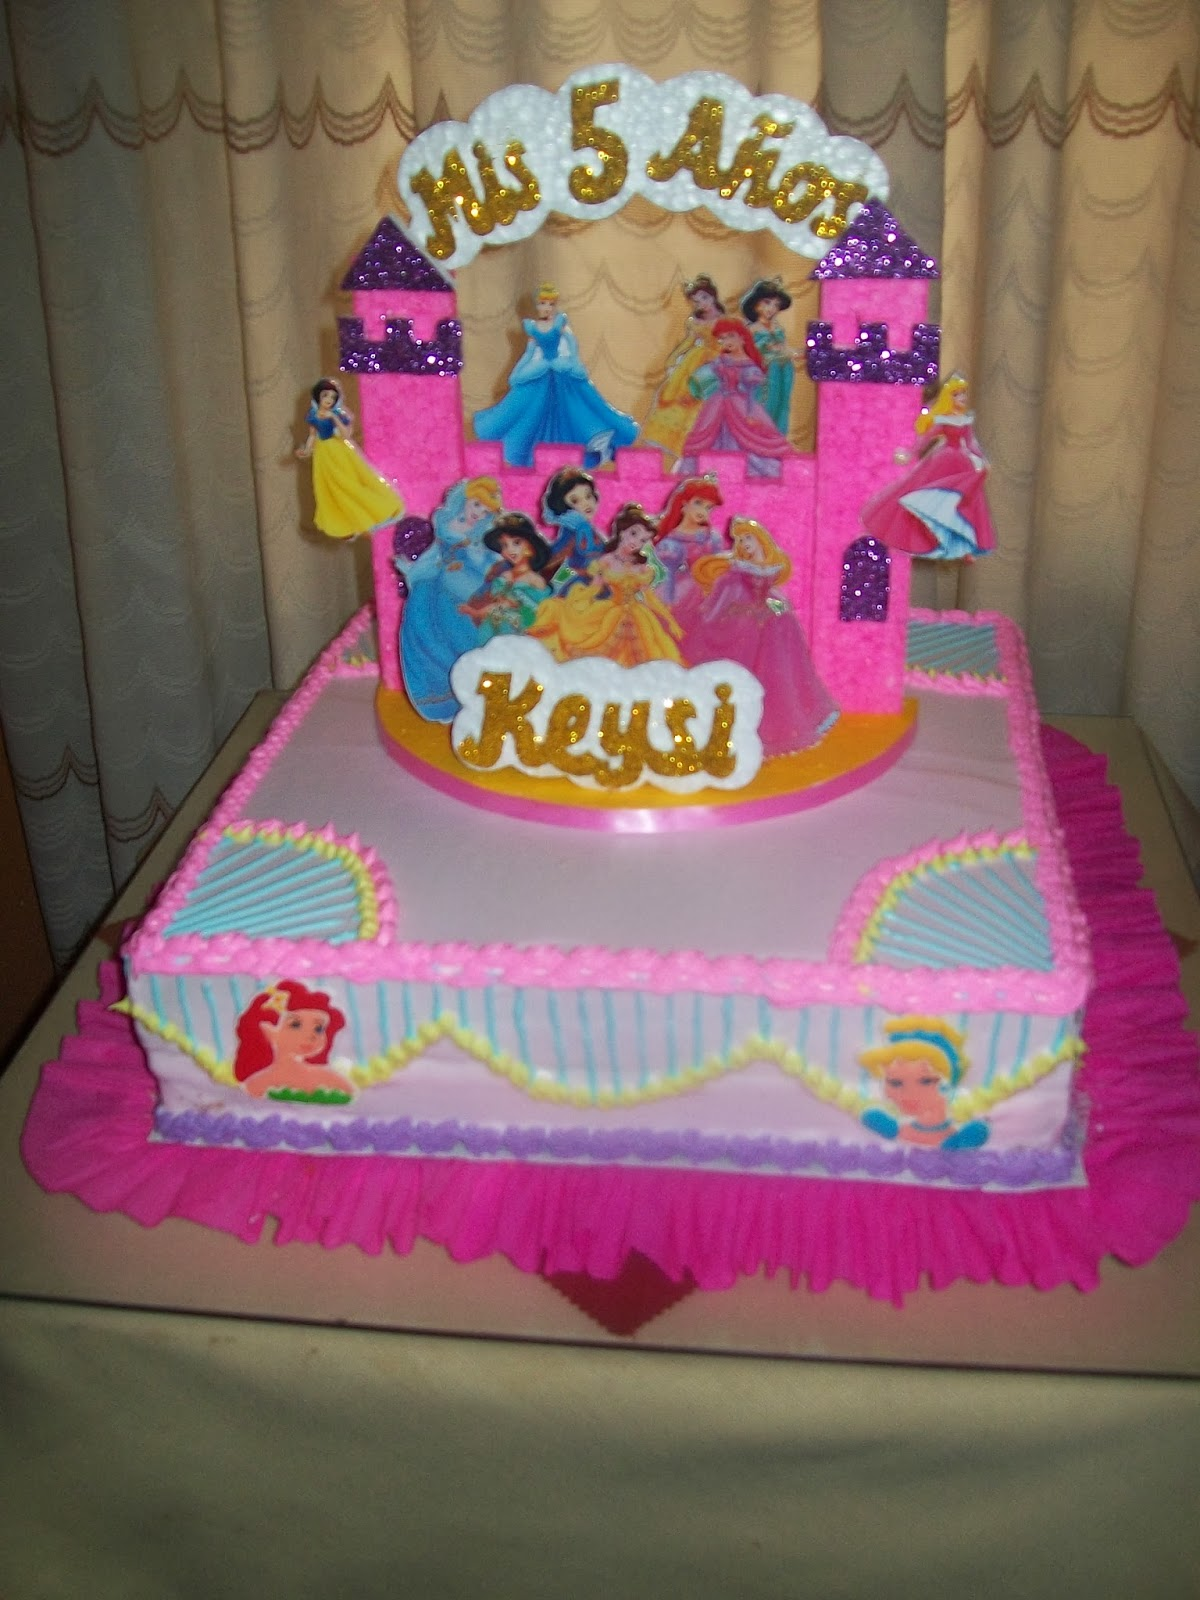 La casita del postre tortas infantiles cupcakes for Decoracion de tortas para ninas